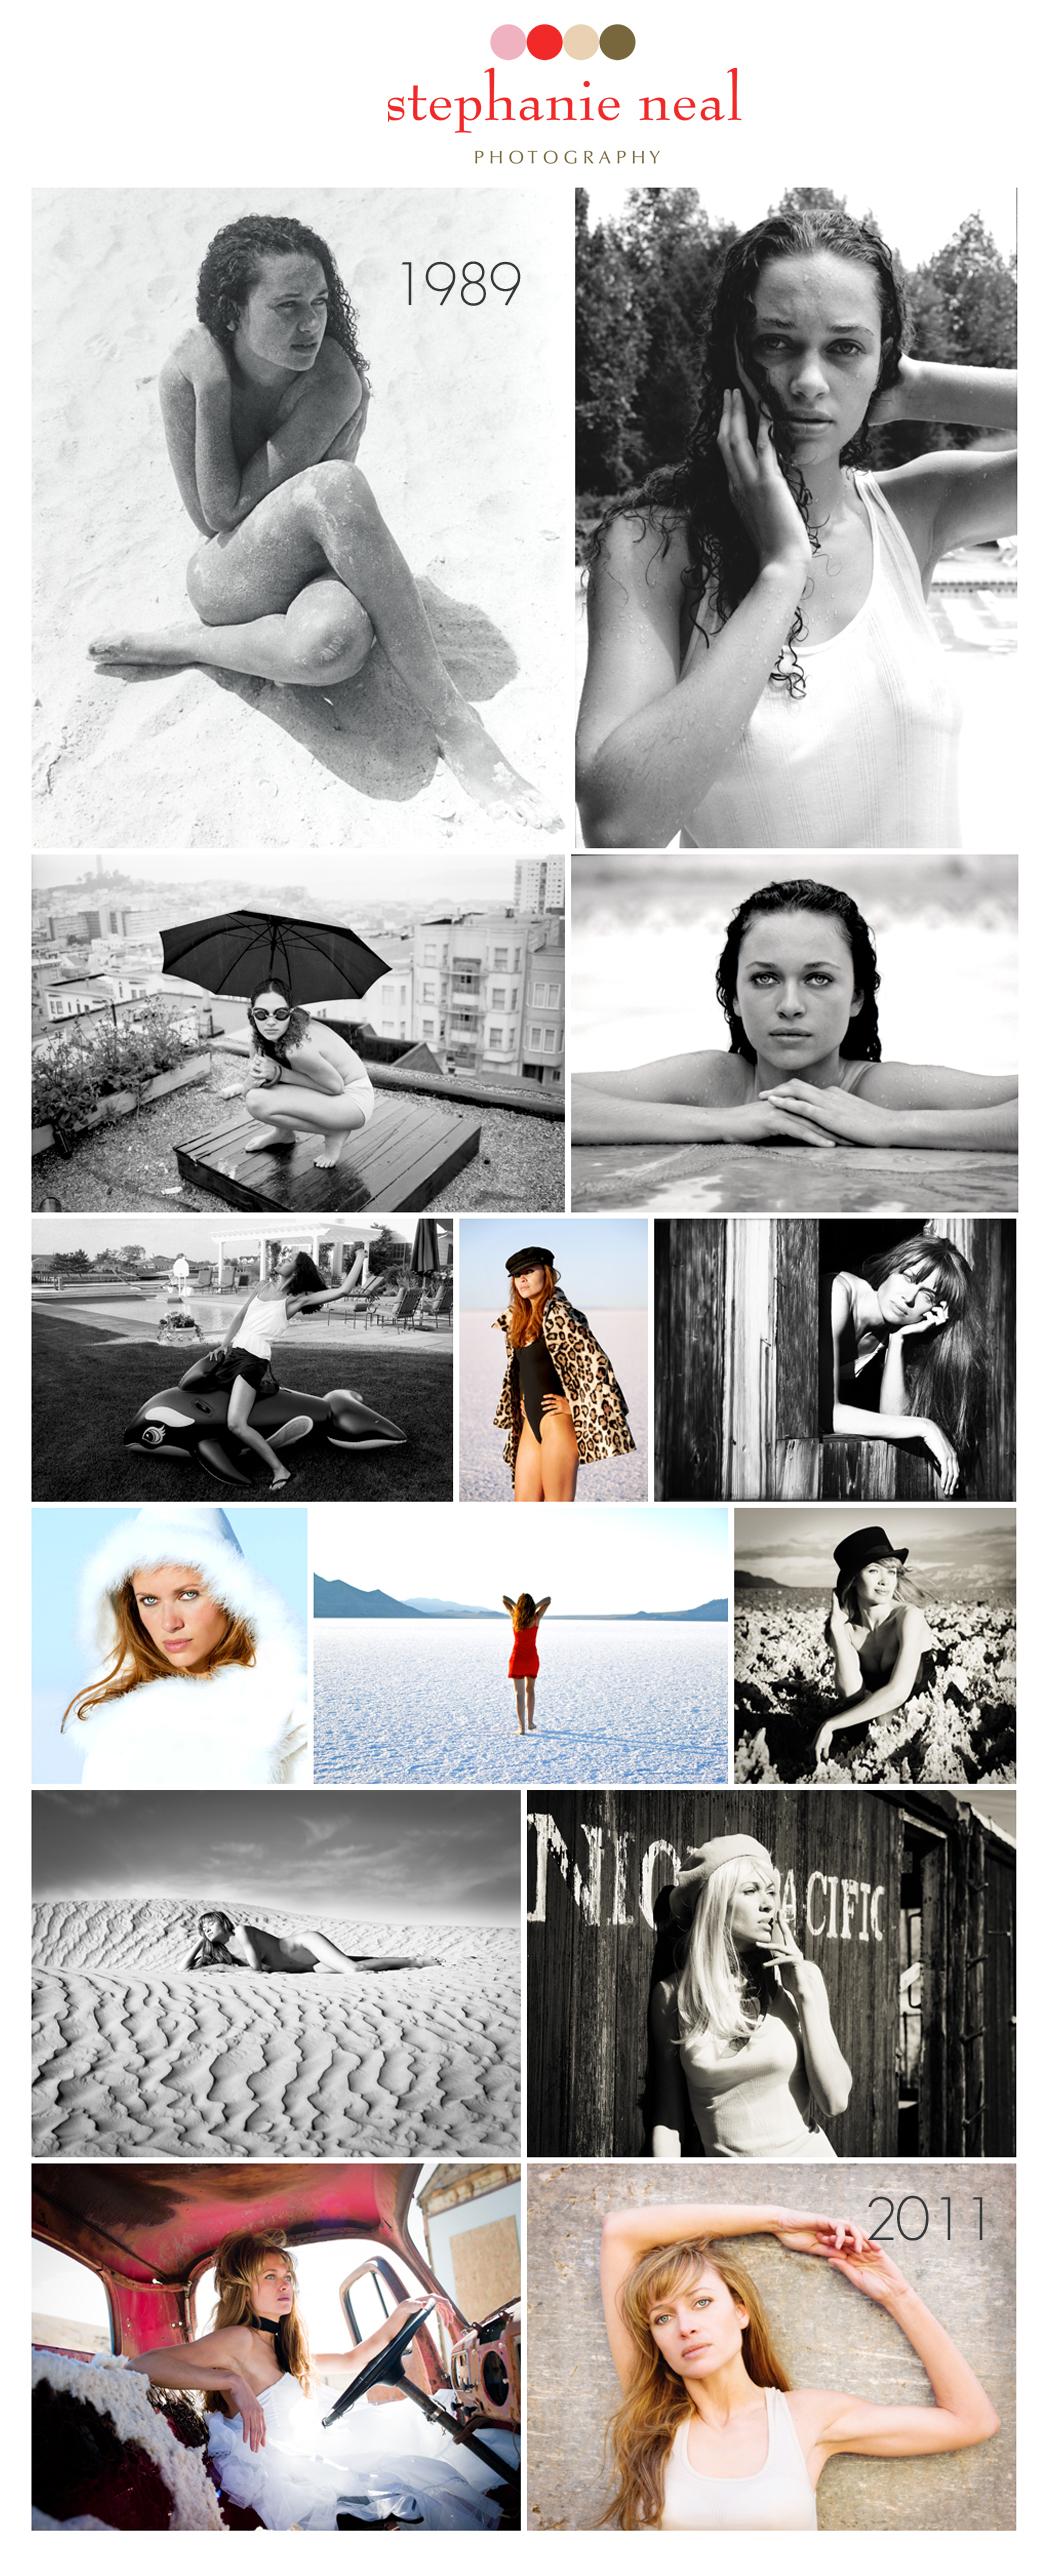 Kobi Montage- Stephanie Neal Photography